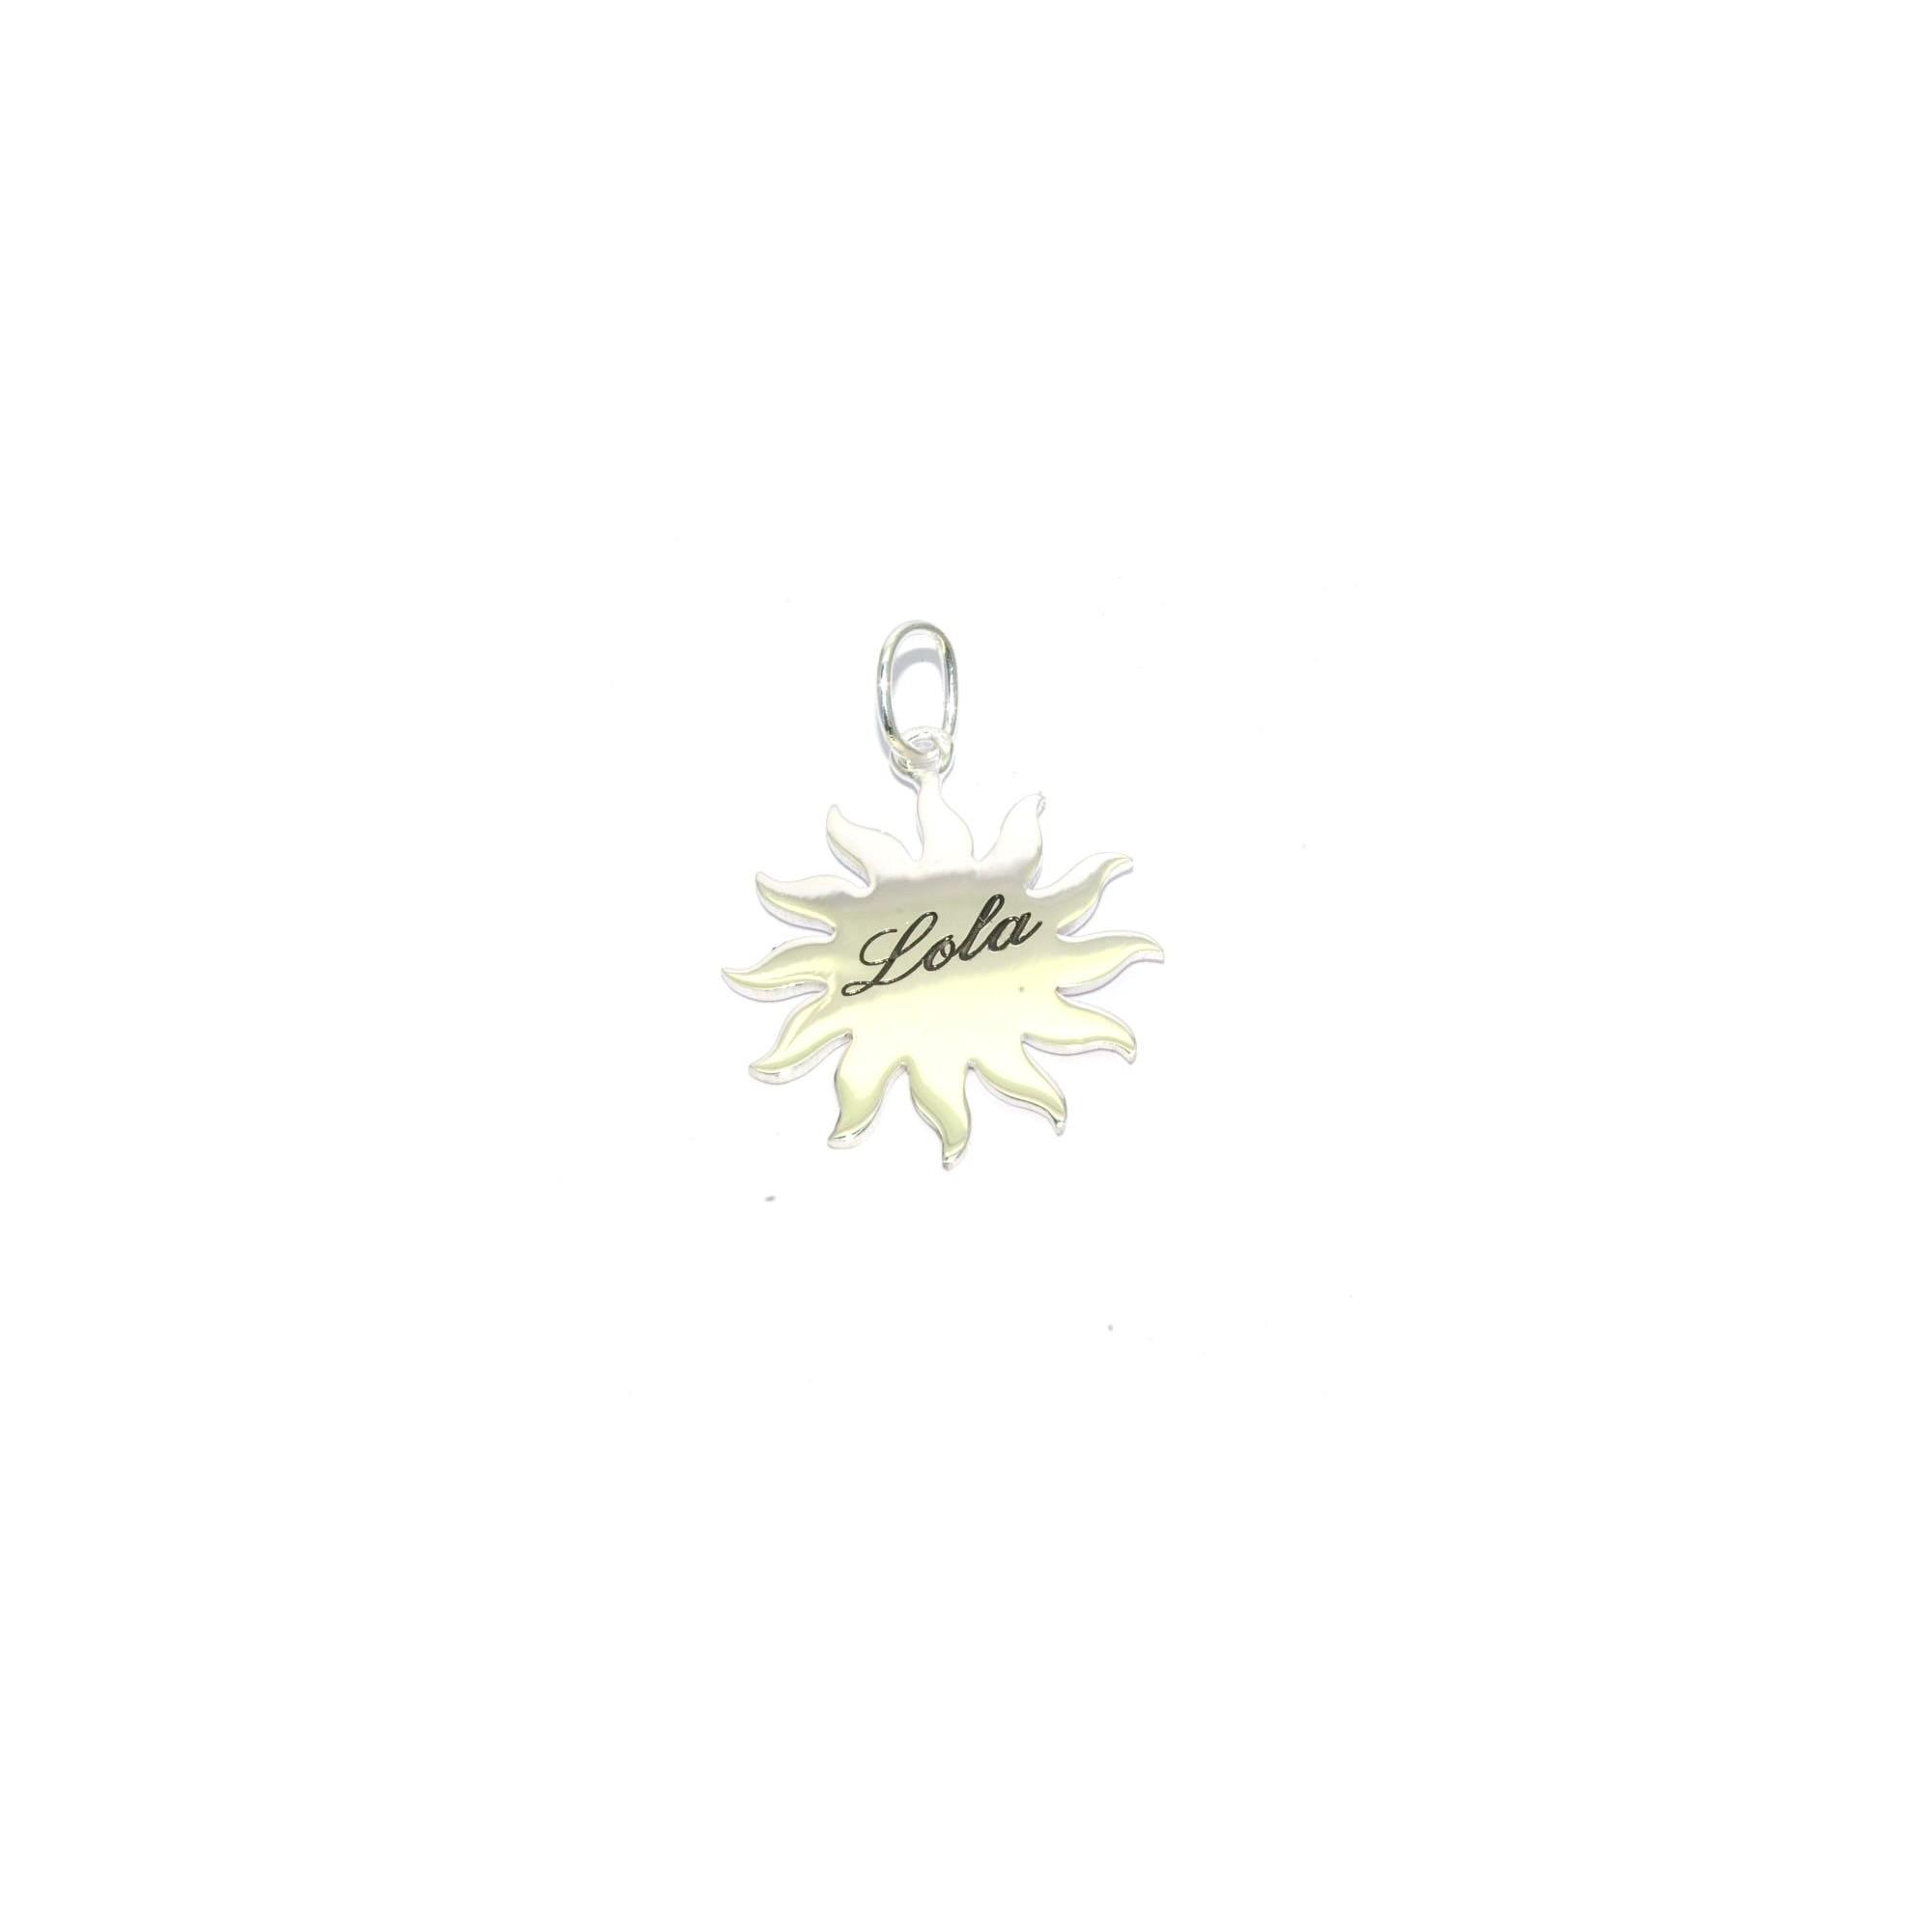 détaillant en ligne 0bcd6 62cf2 Pendentif soleil argent gravure comprise